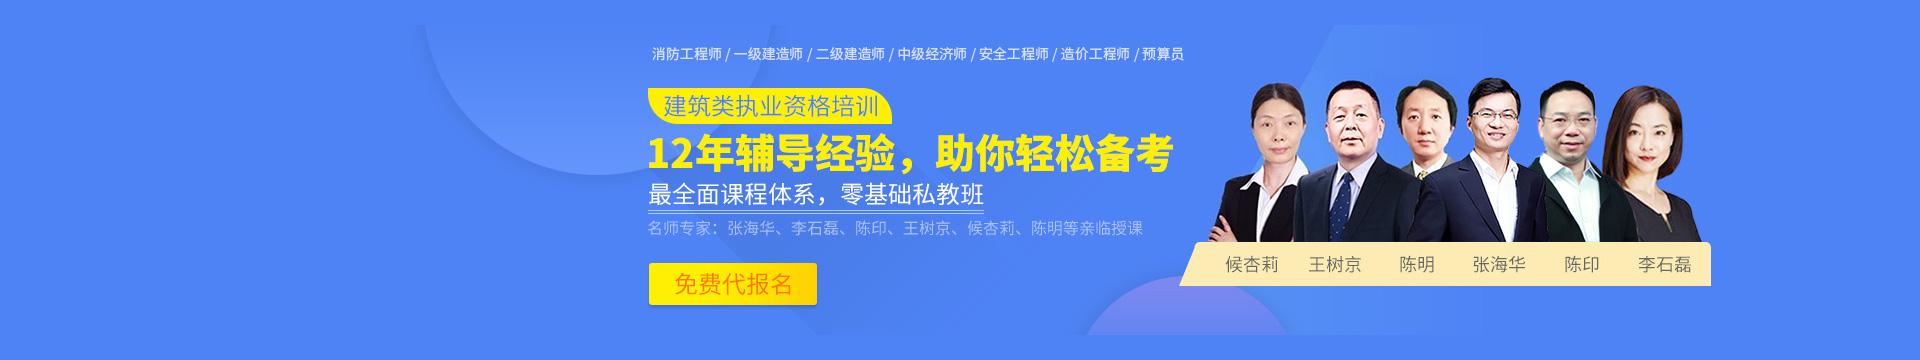 深圳建筑类职业资格培训